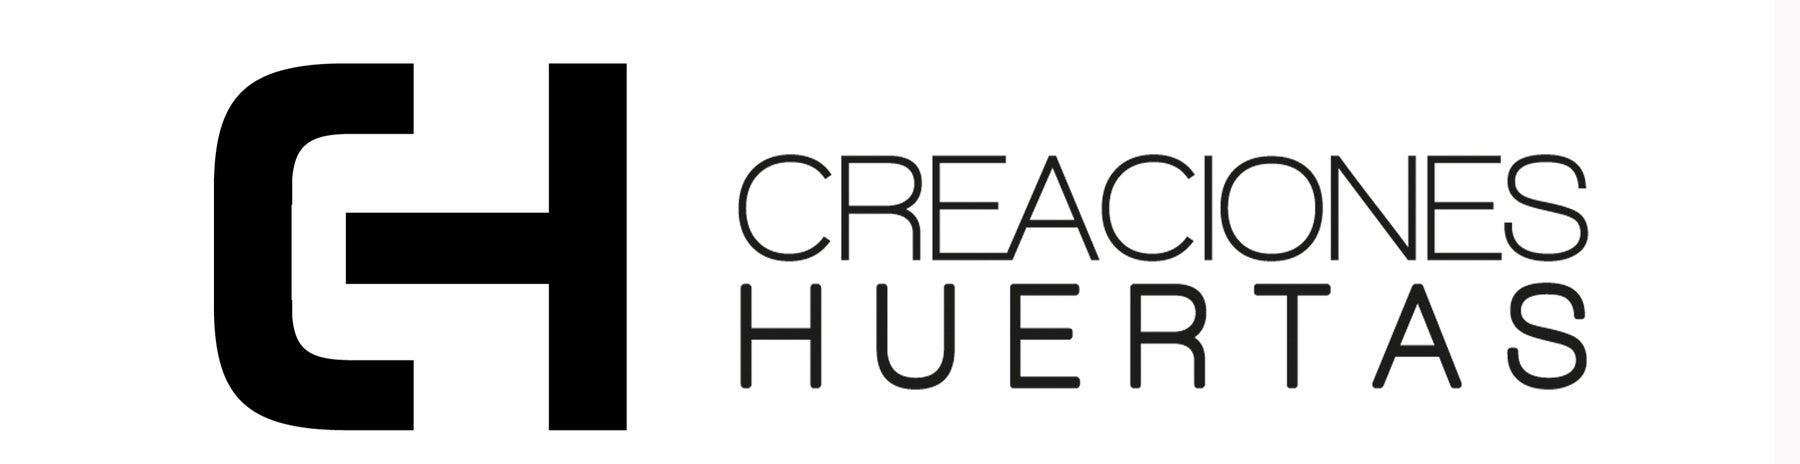 Creaciones Huertas